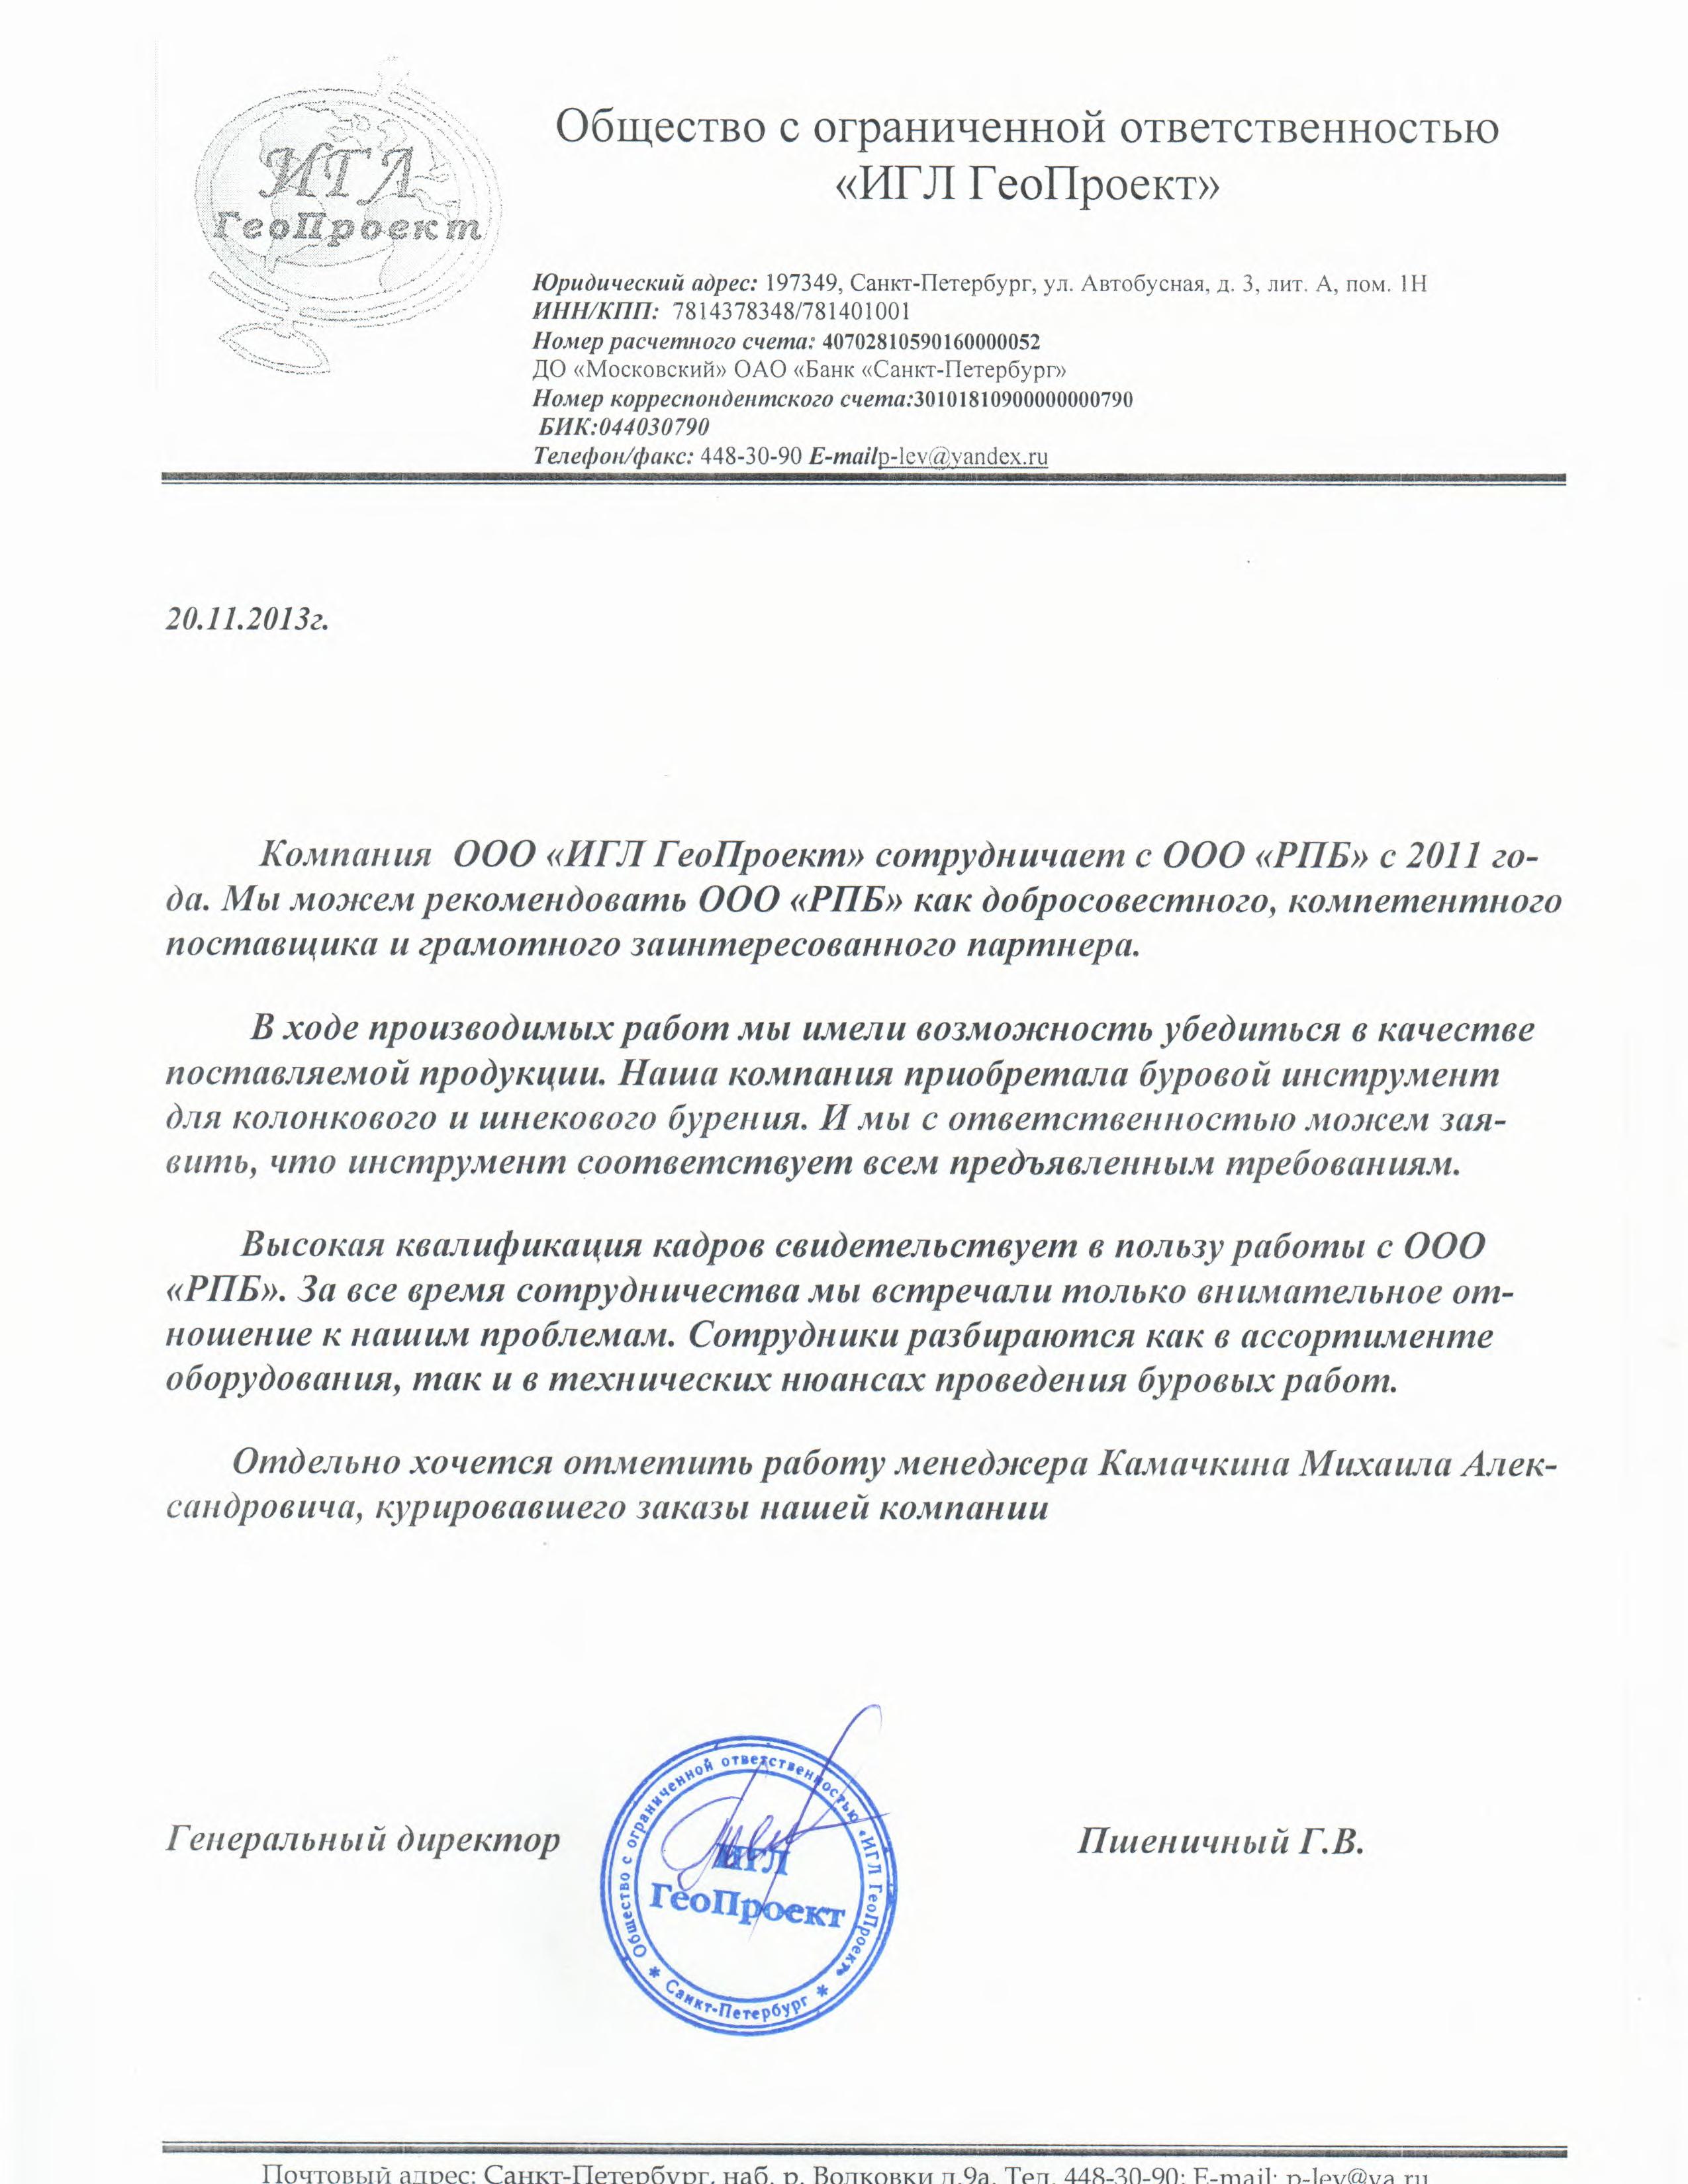 Отзыв ИГЛ ГеоПроект